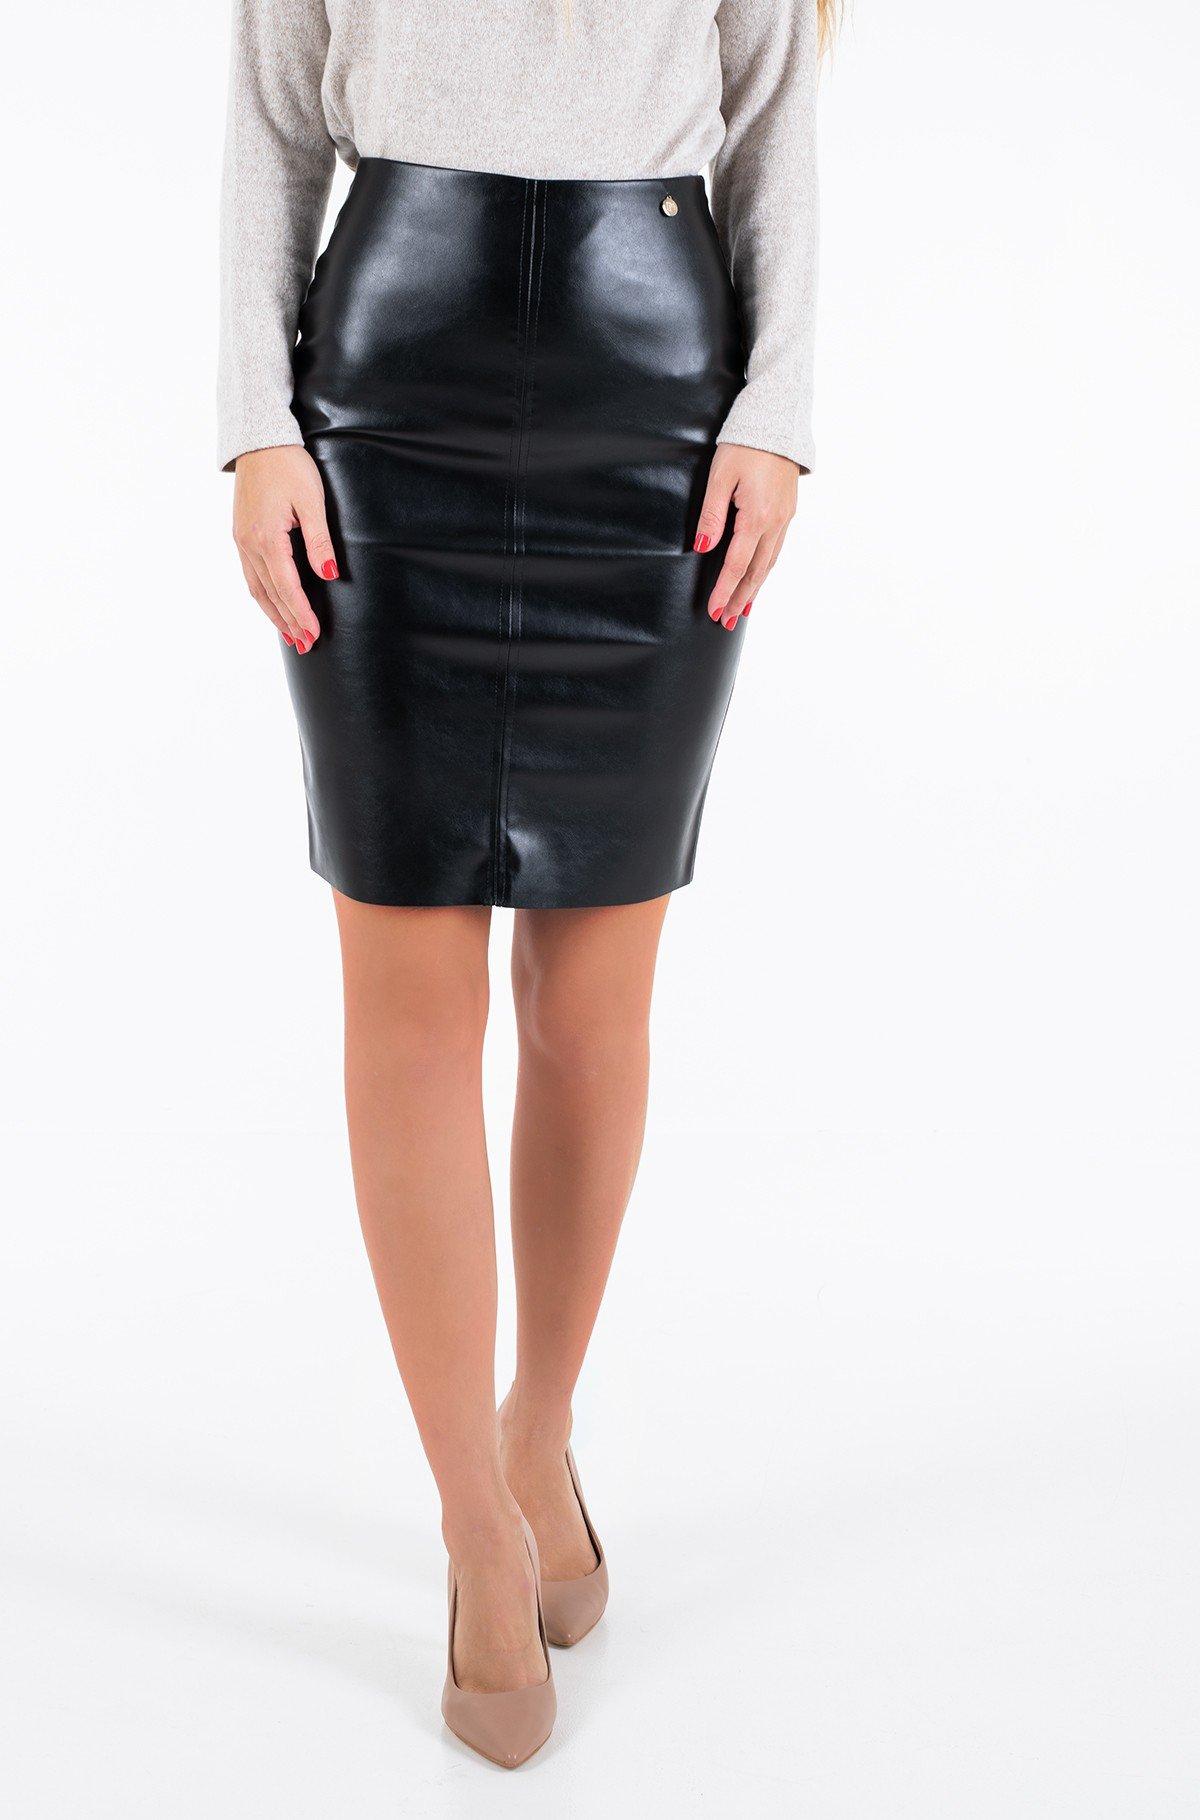 Leather skirt Agve02-full-1